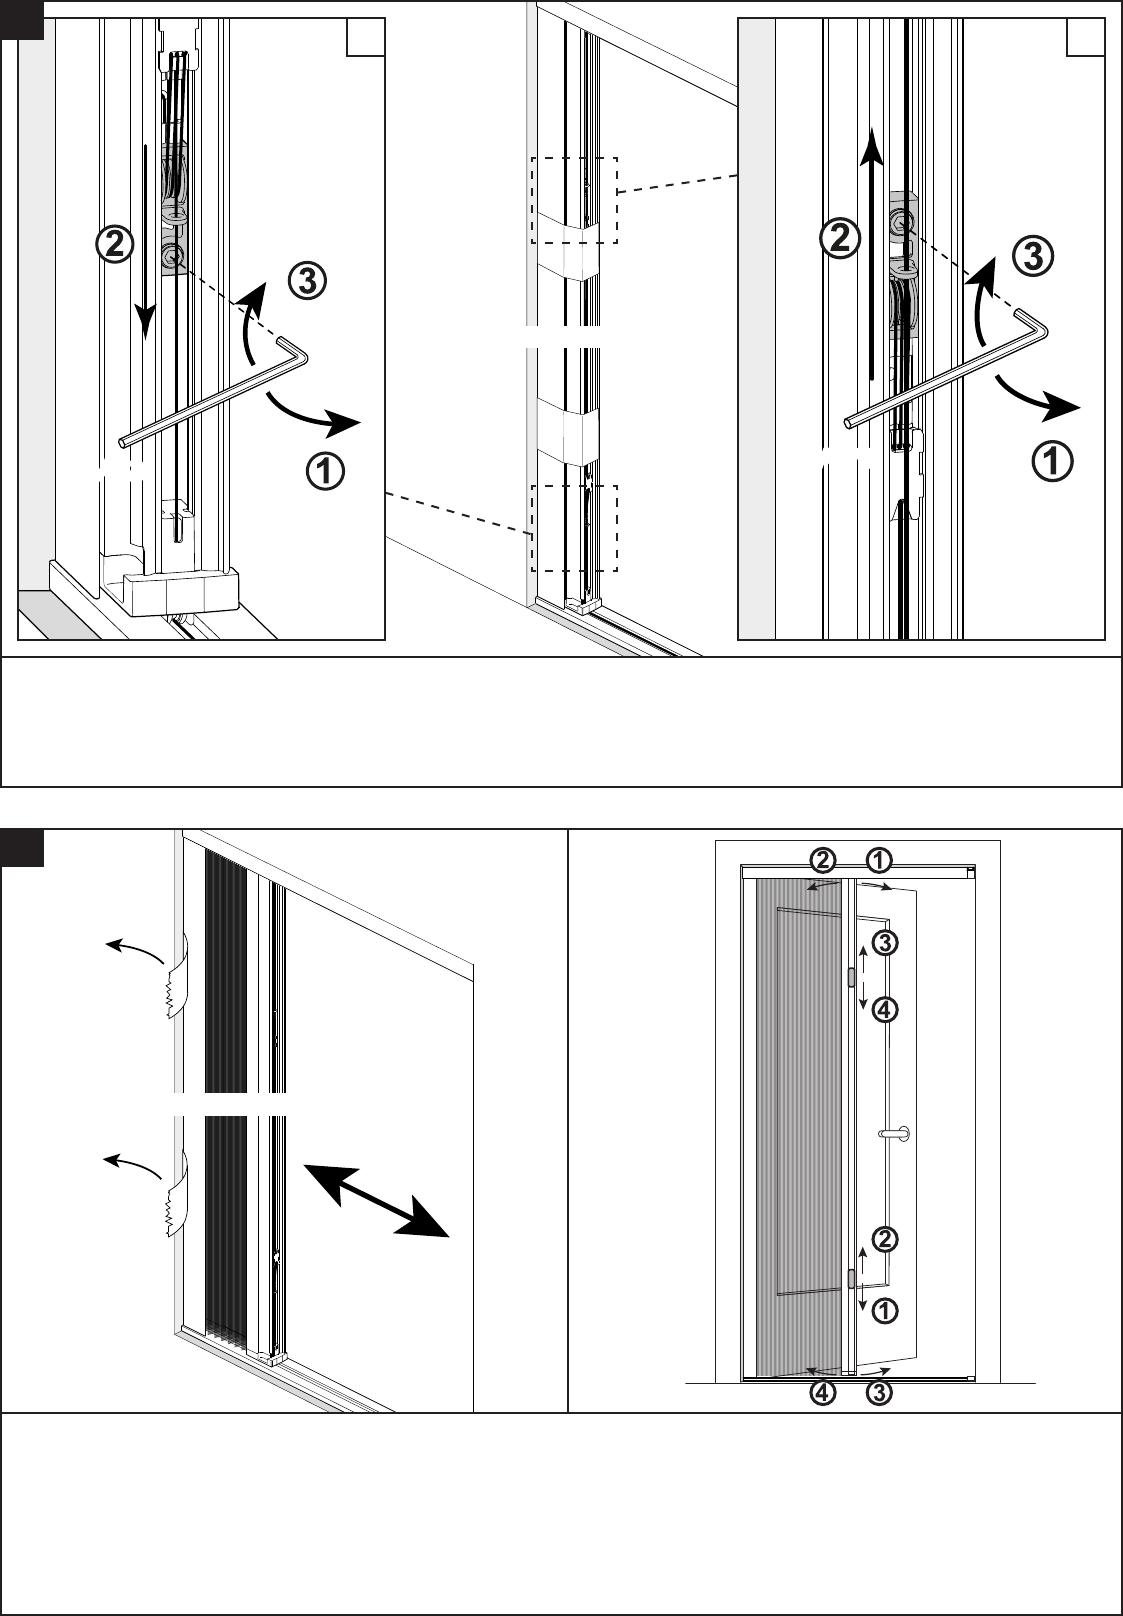 Bekend Handleiding Bruynzeel 634576 S700 Plisse Hordeur (pagina 10 van 12 WG87